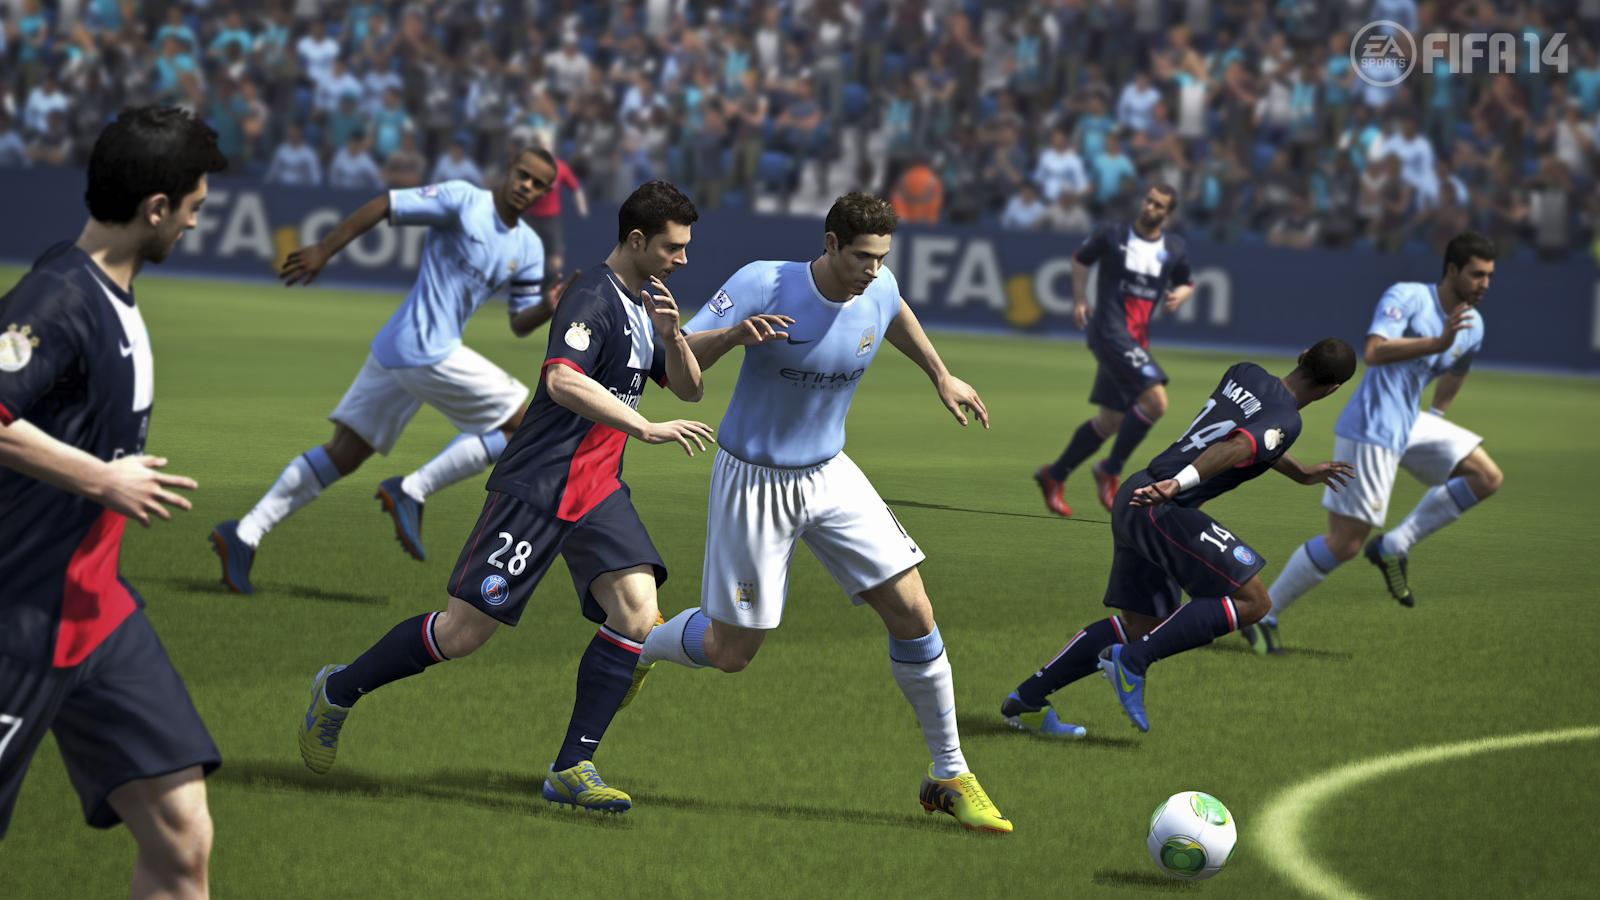 Fifa soccer 14 скачать торрент - 73883